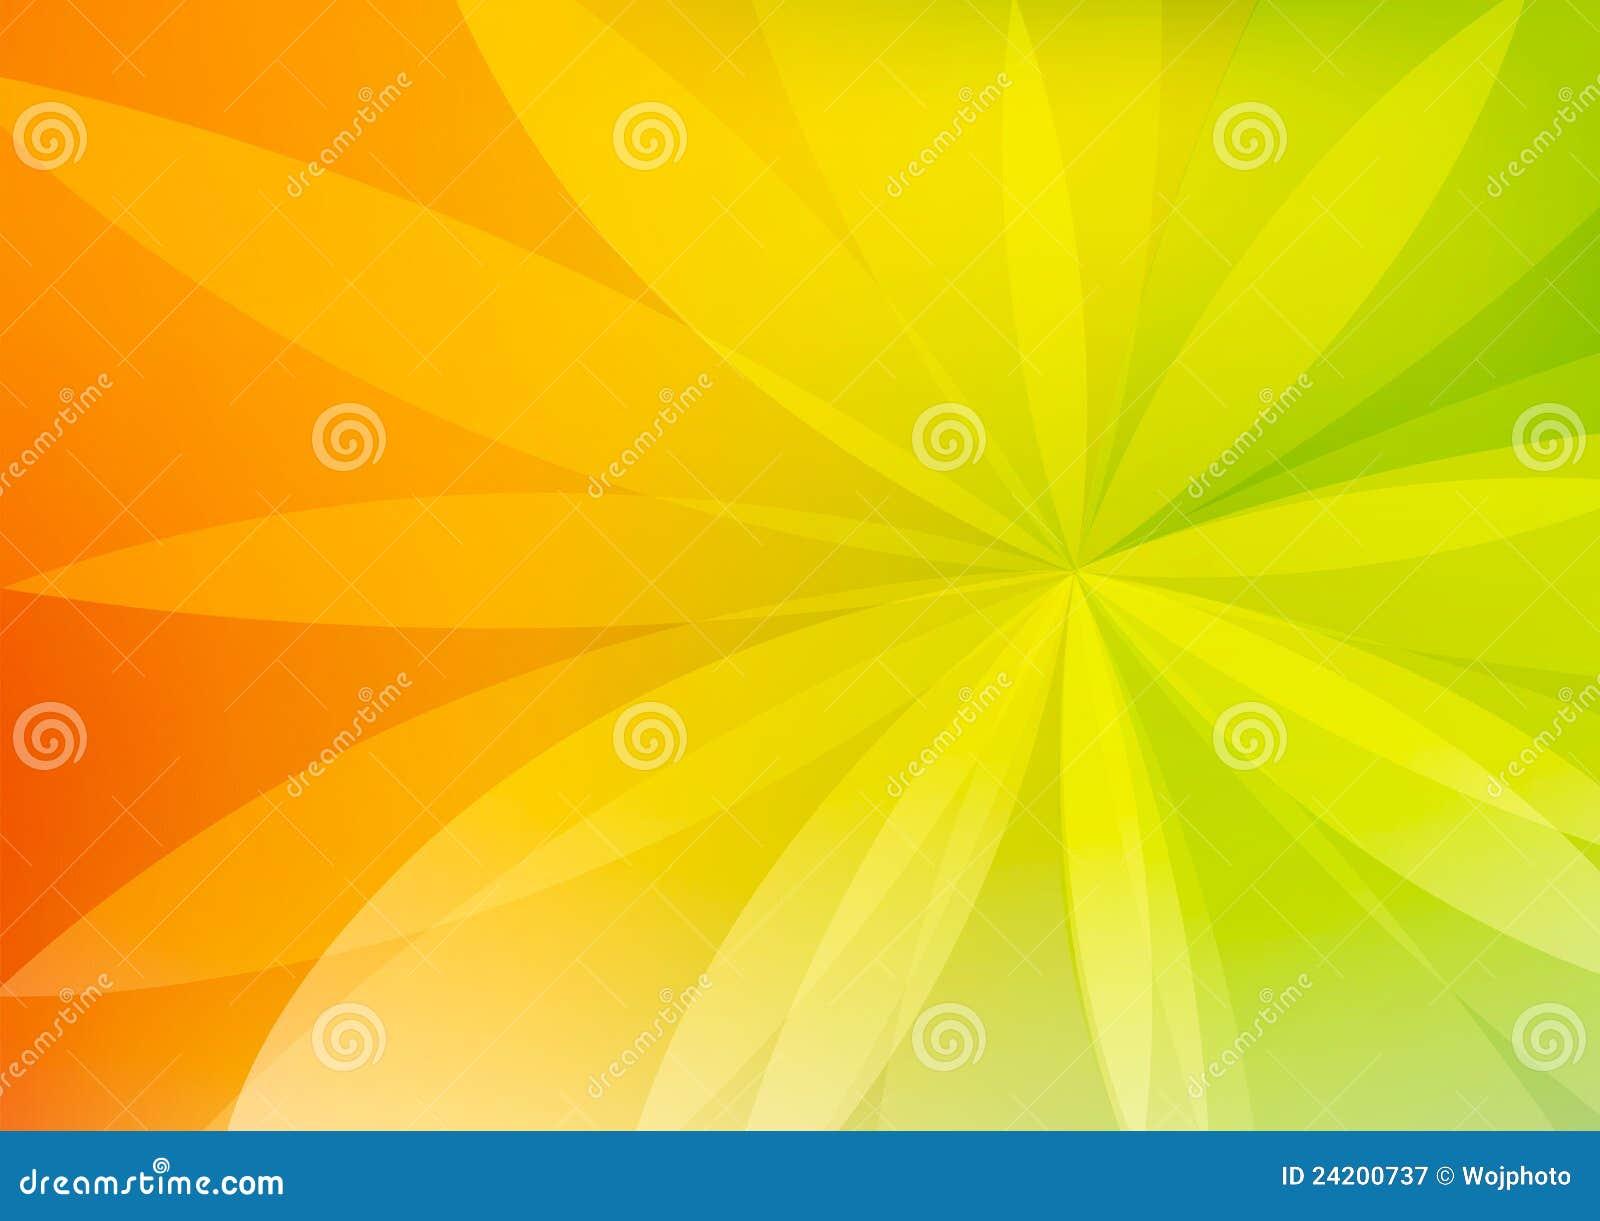 Behang Kleur Eucalyptus : Abstract groen en oranje behang als achtergrond stock illustratie